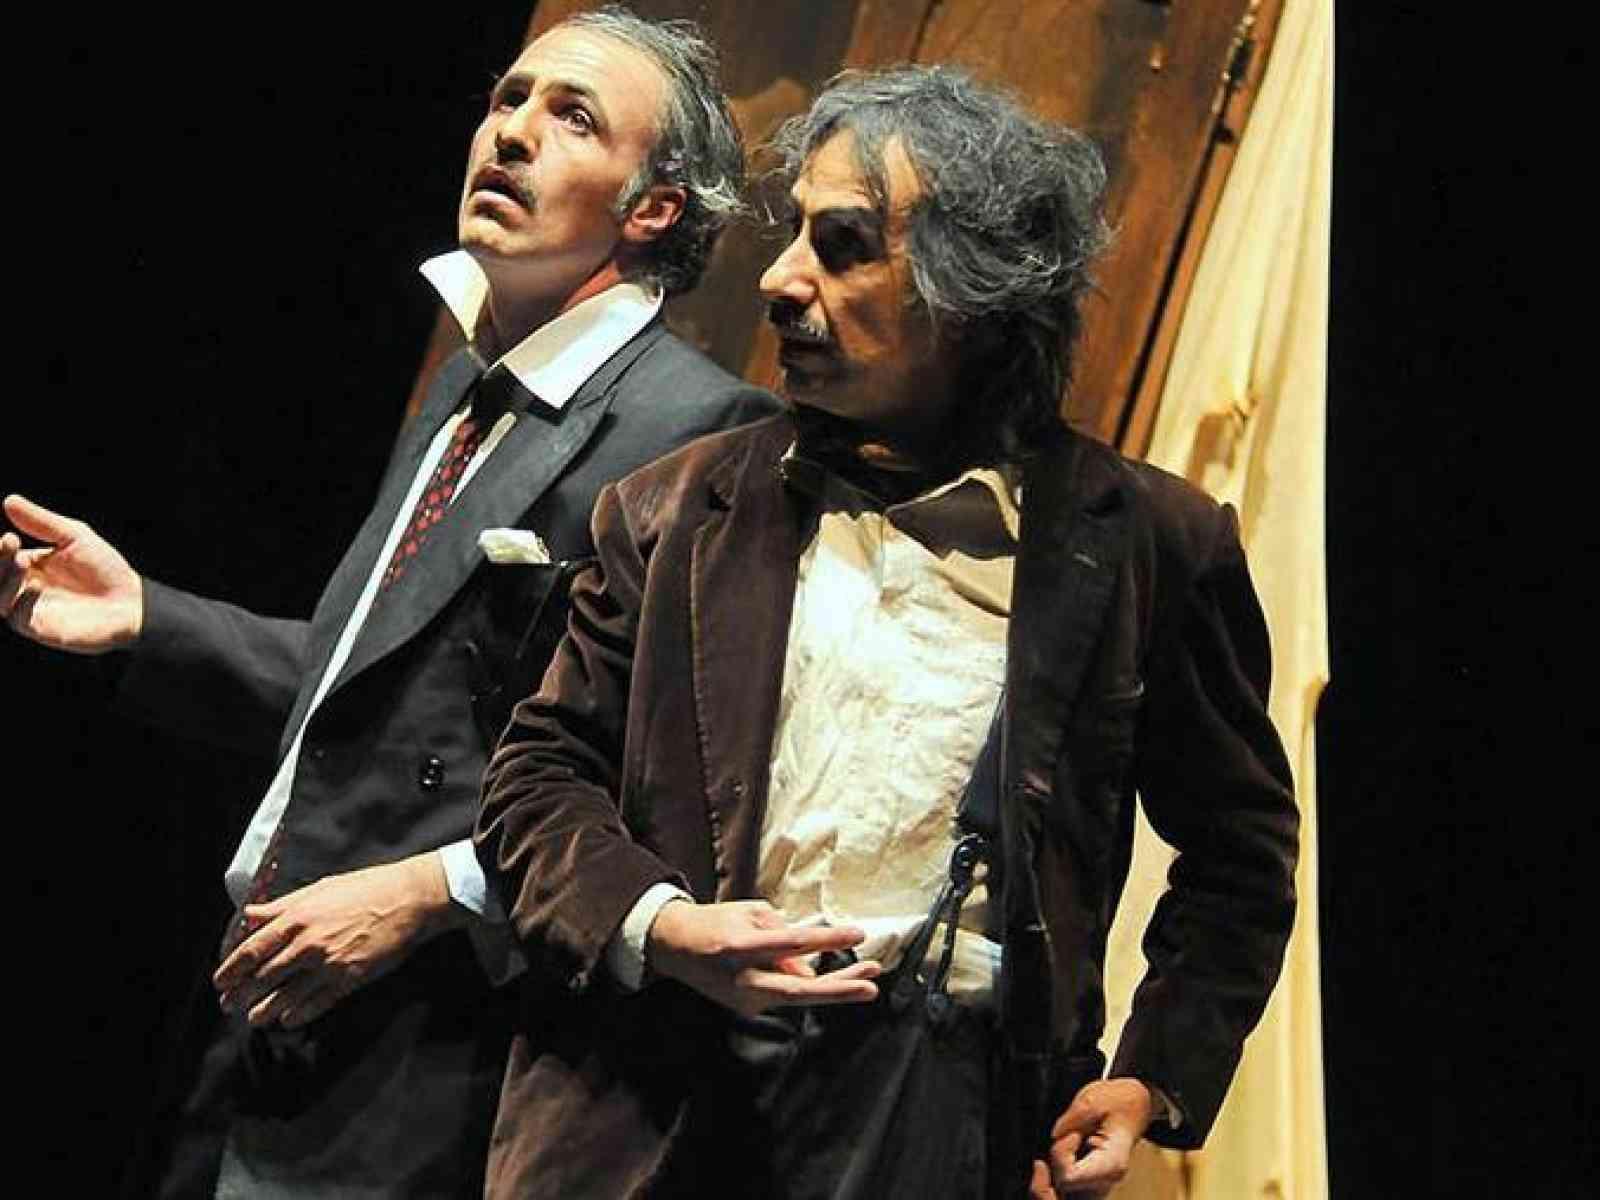 """Immagine articolo: In scena al Teatro Rivoli  di Mazara del Vallo  """"La Malafesta"""". Fabrizio Ferracane e Rino Marino i protagonisti"""